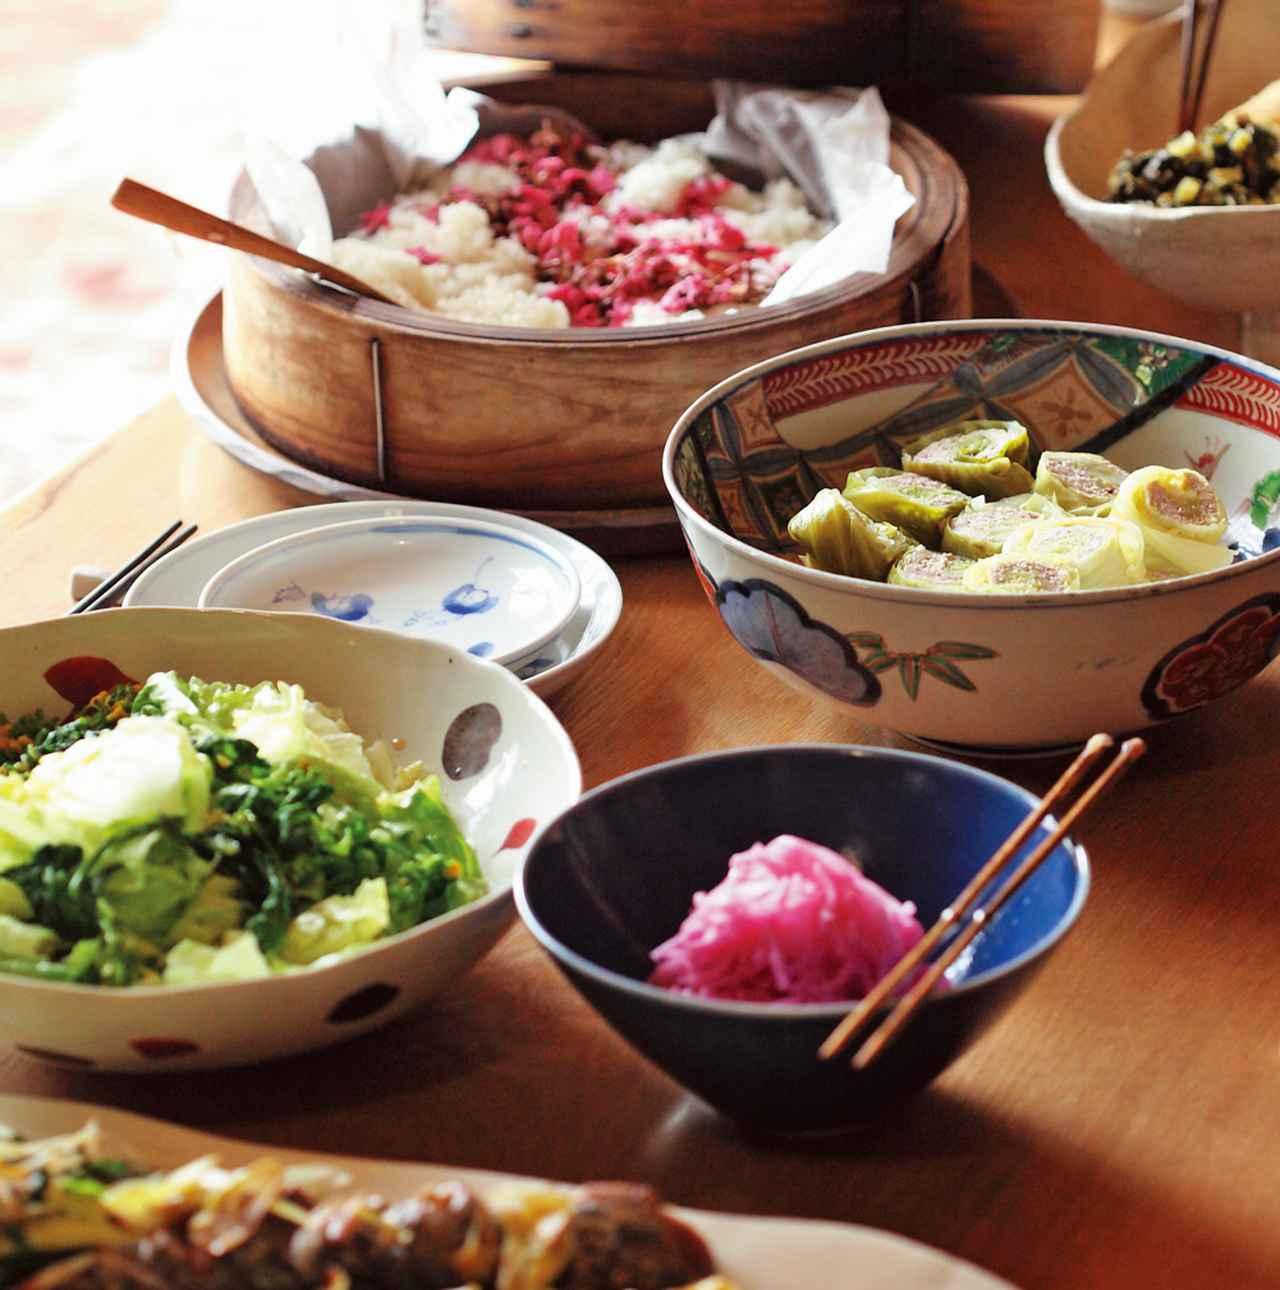 画像: 夕食は、桜のおこわ、キャベツの豚肉巻き、赤大根のさしす漬けなど、季節を感じる品々が並ぶ